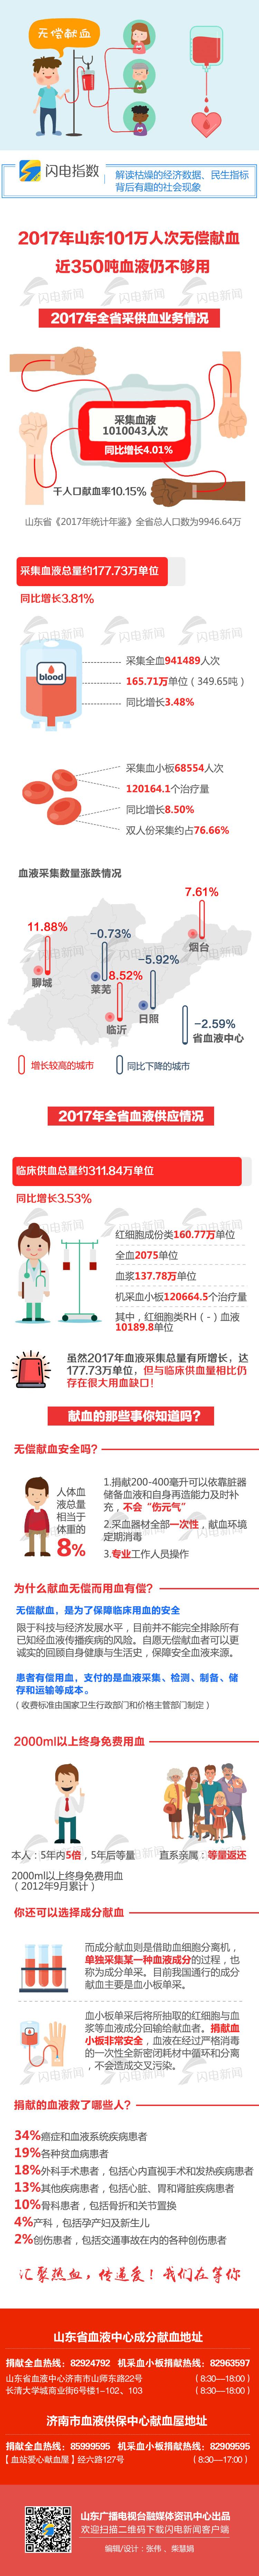 0205-献血.jpg